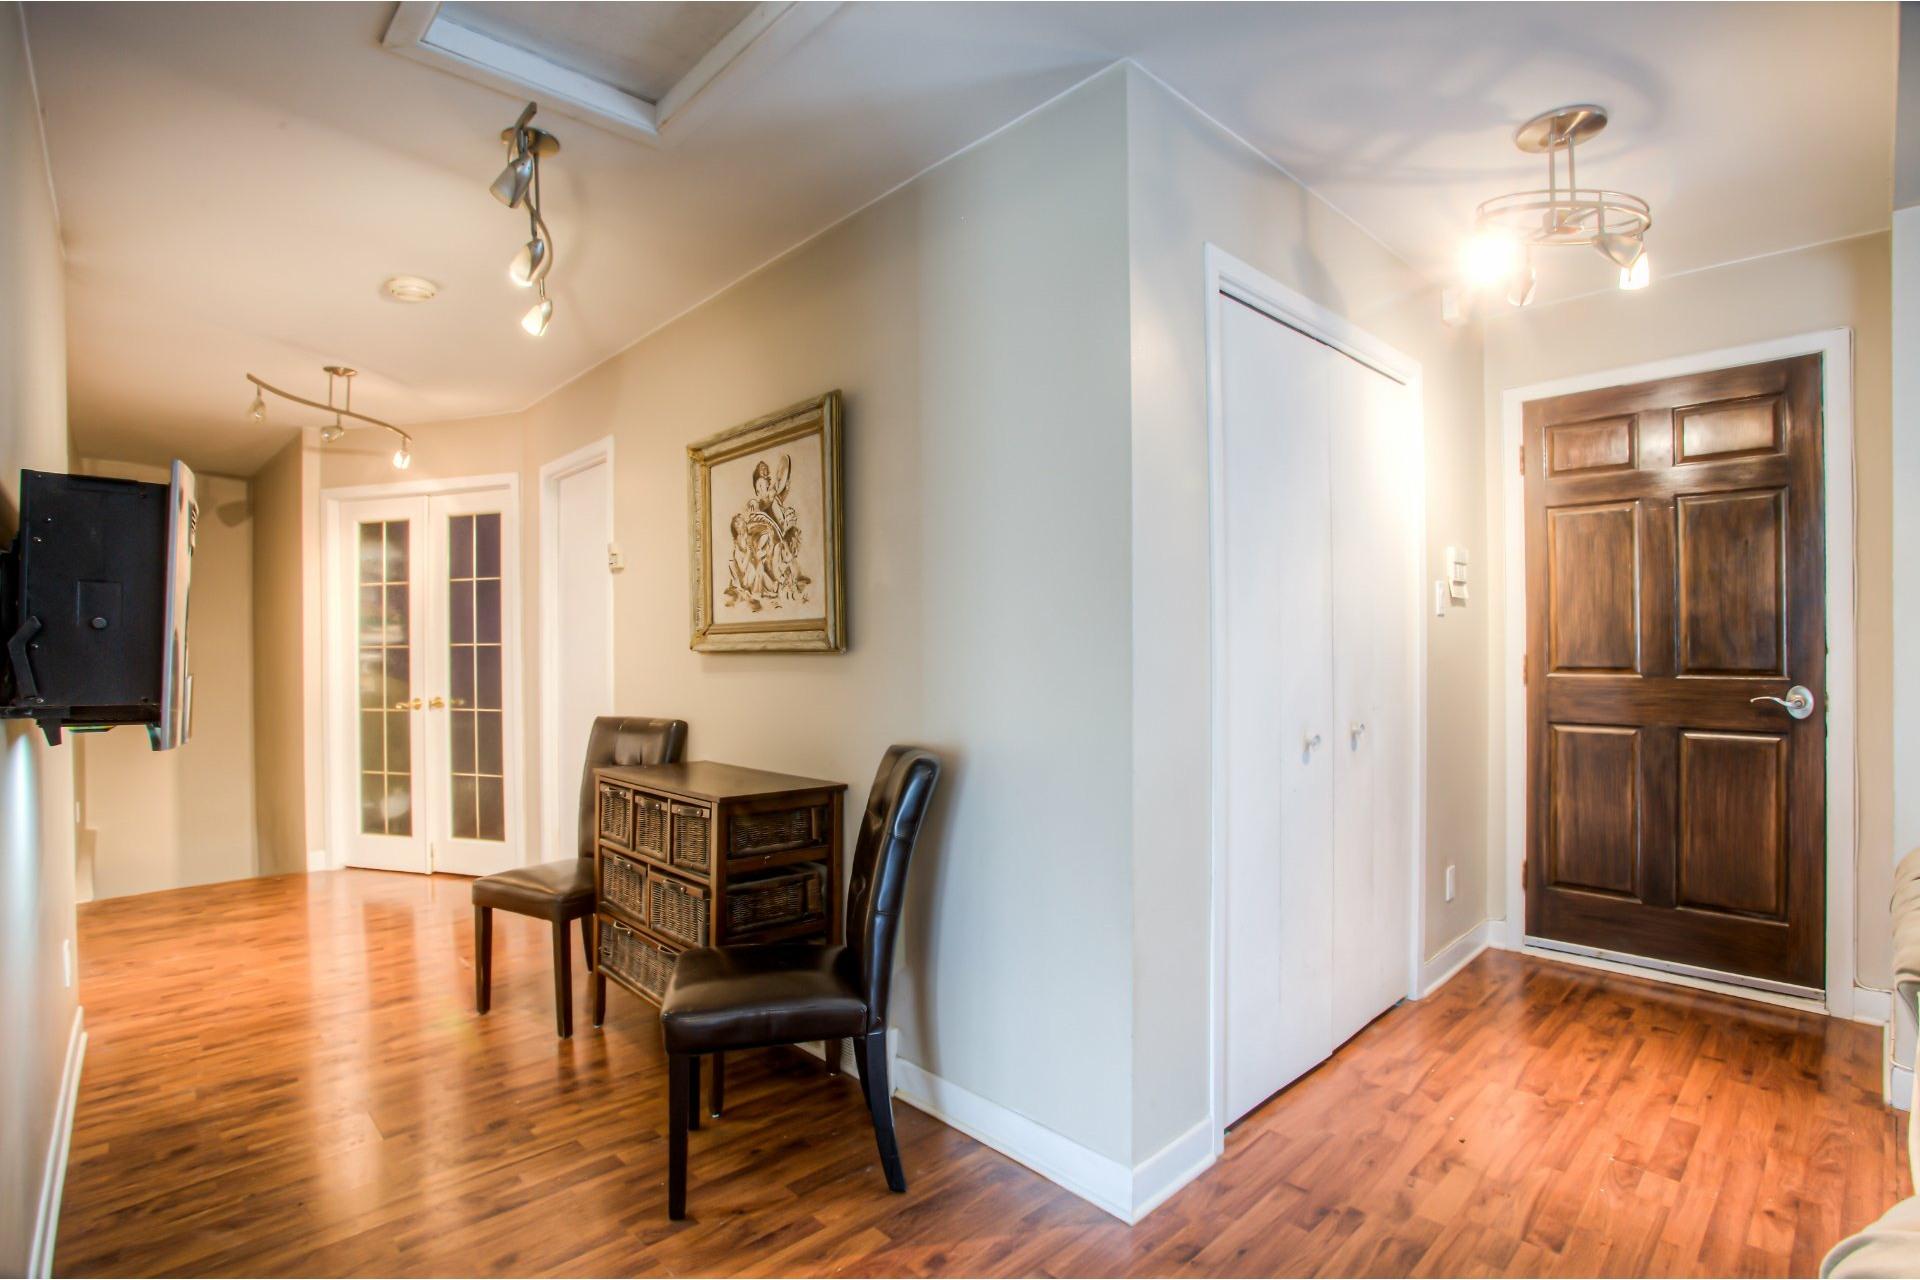 image 7 - Maison À vendre Salaberry-de-Valleyfield - 10 pièces